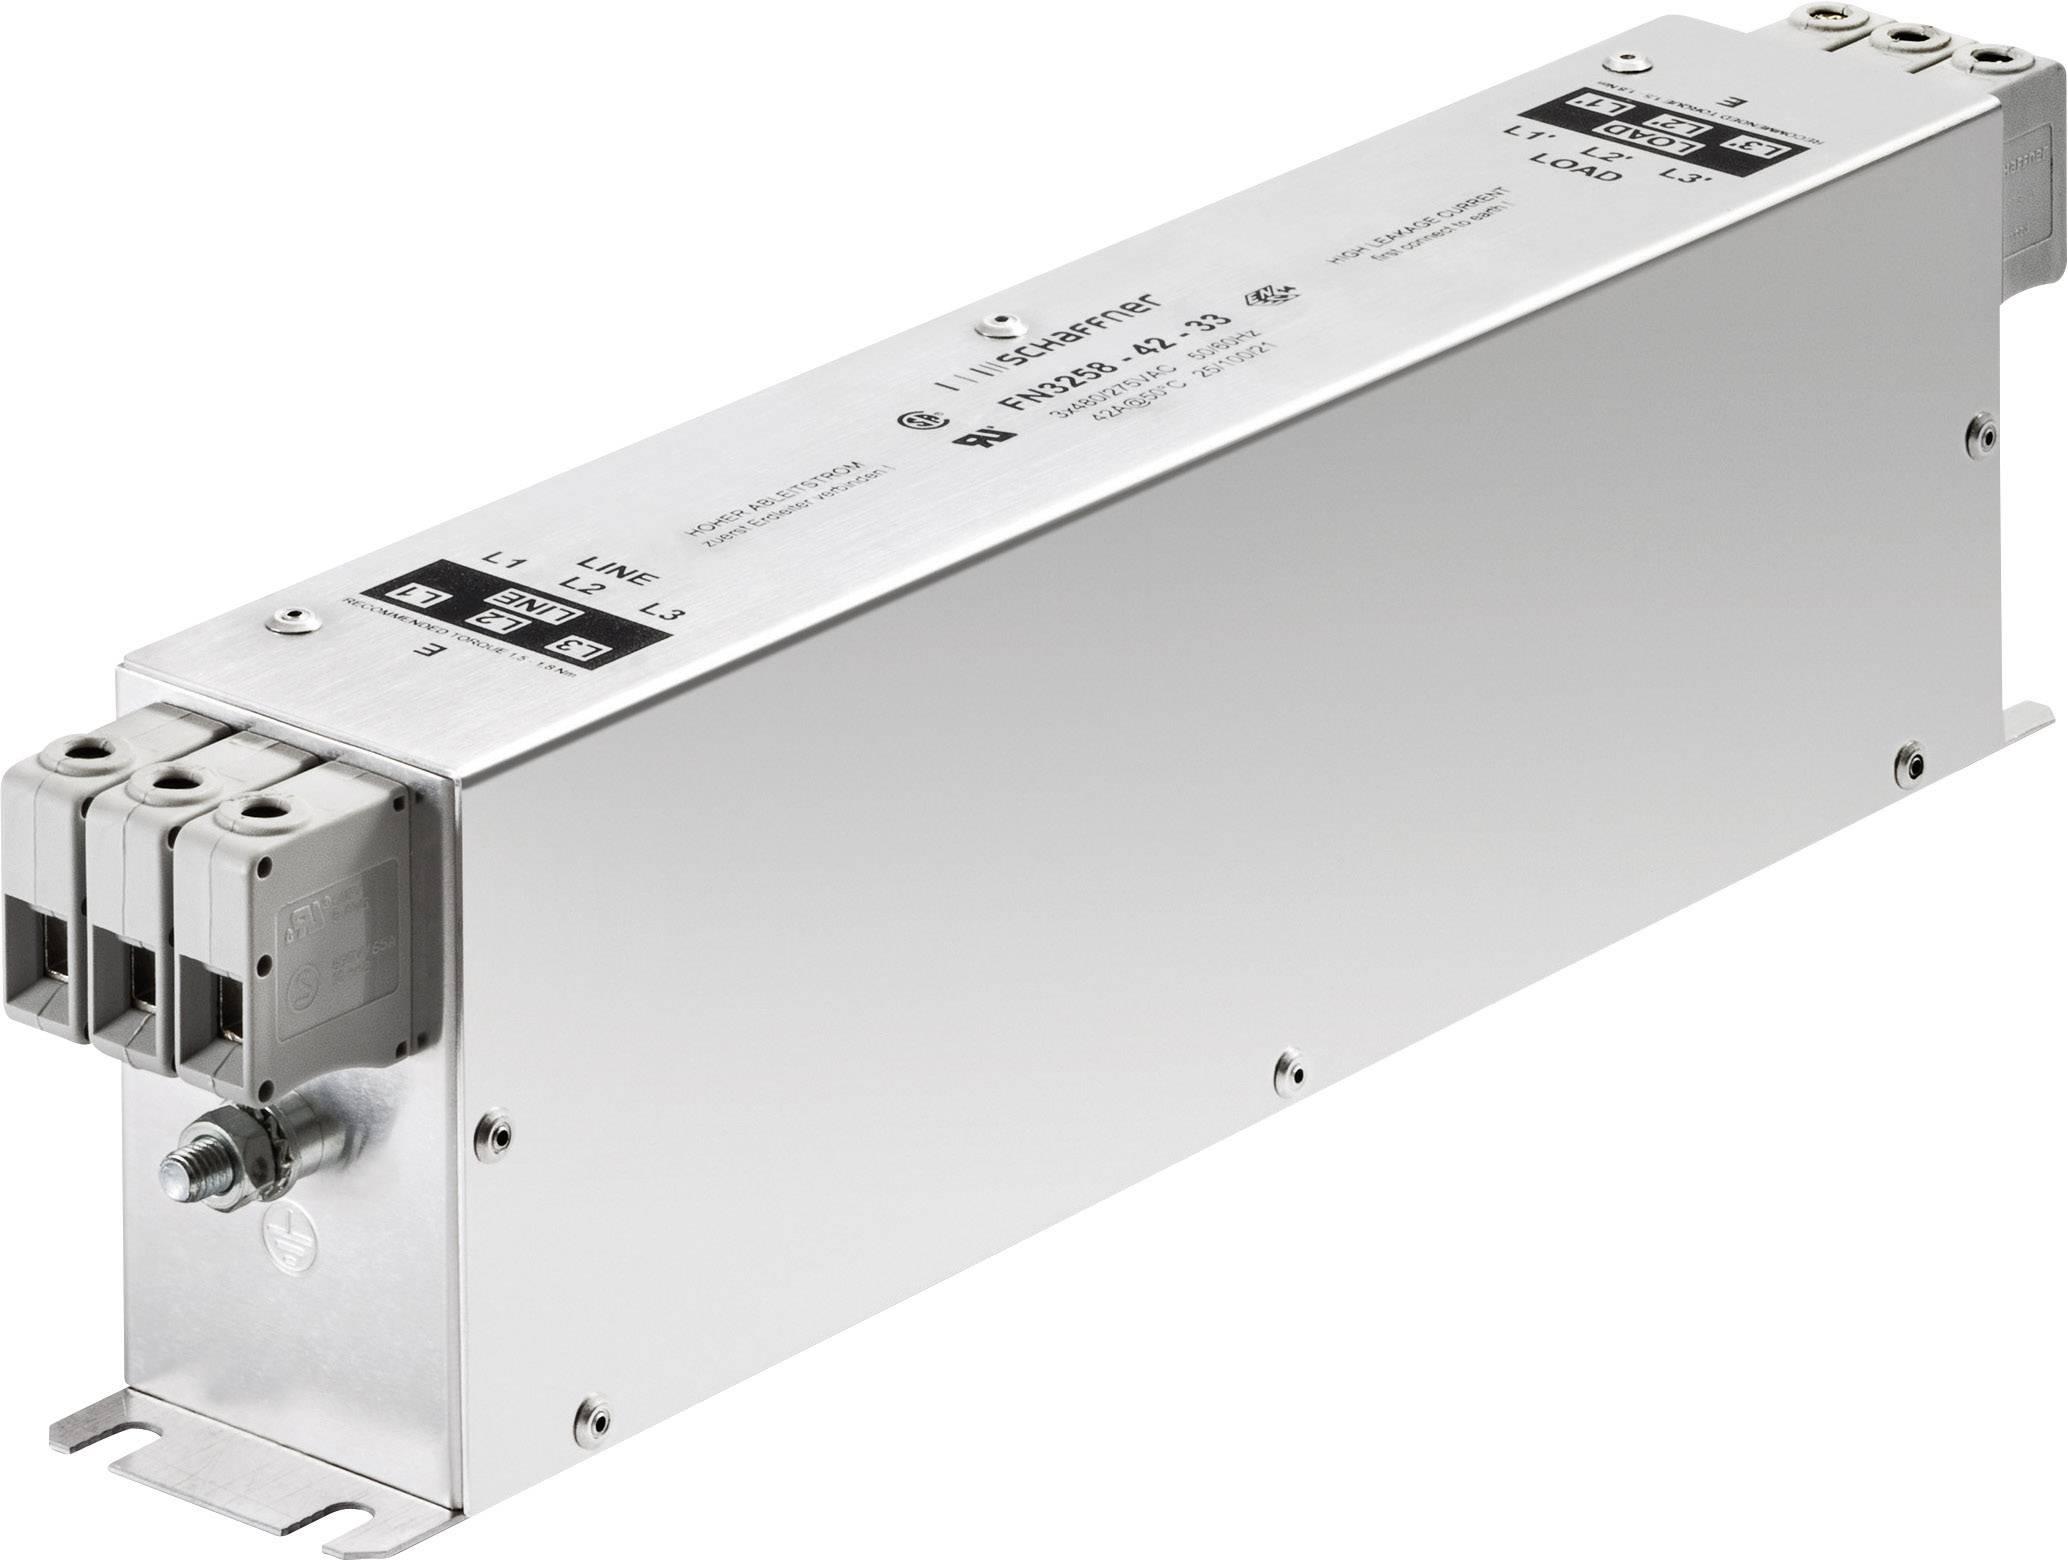 Odrušovací filter Schaffner FN3258-16-44 FN3258-16-44, 277 V/AC, 480 V/AC, 16 A, (d x š x v) 250 x 45 x 70 mm, 1 ks